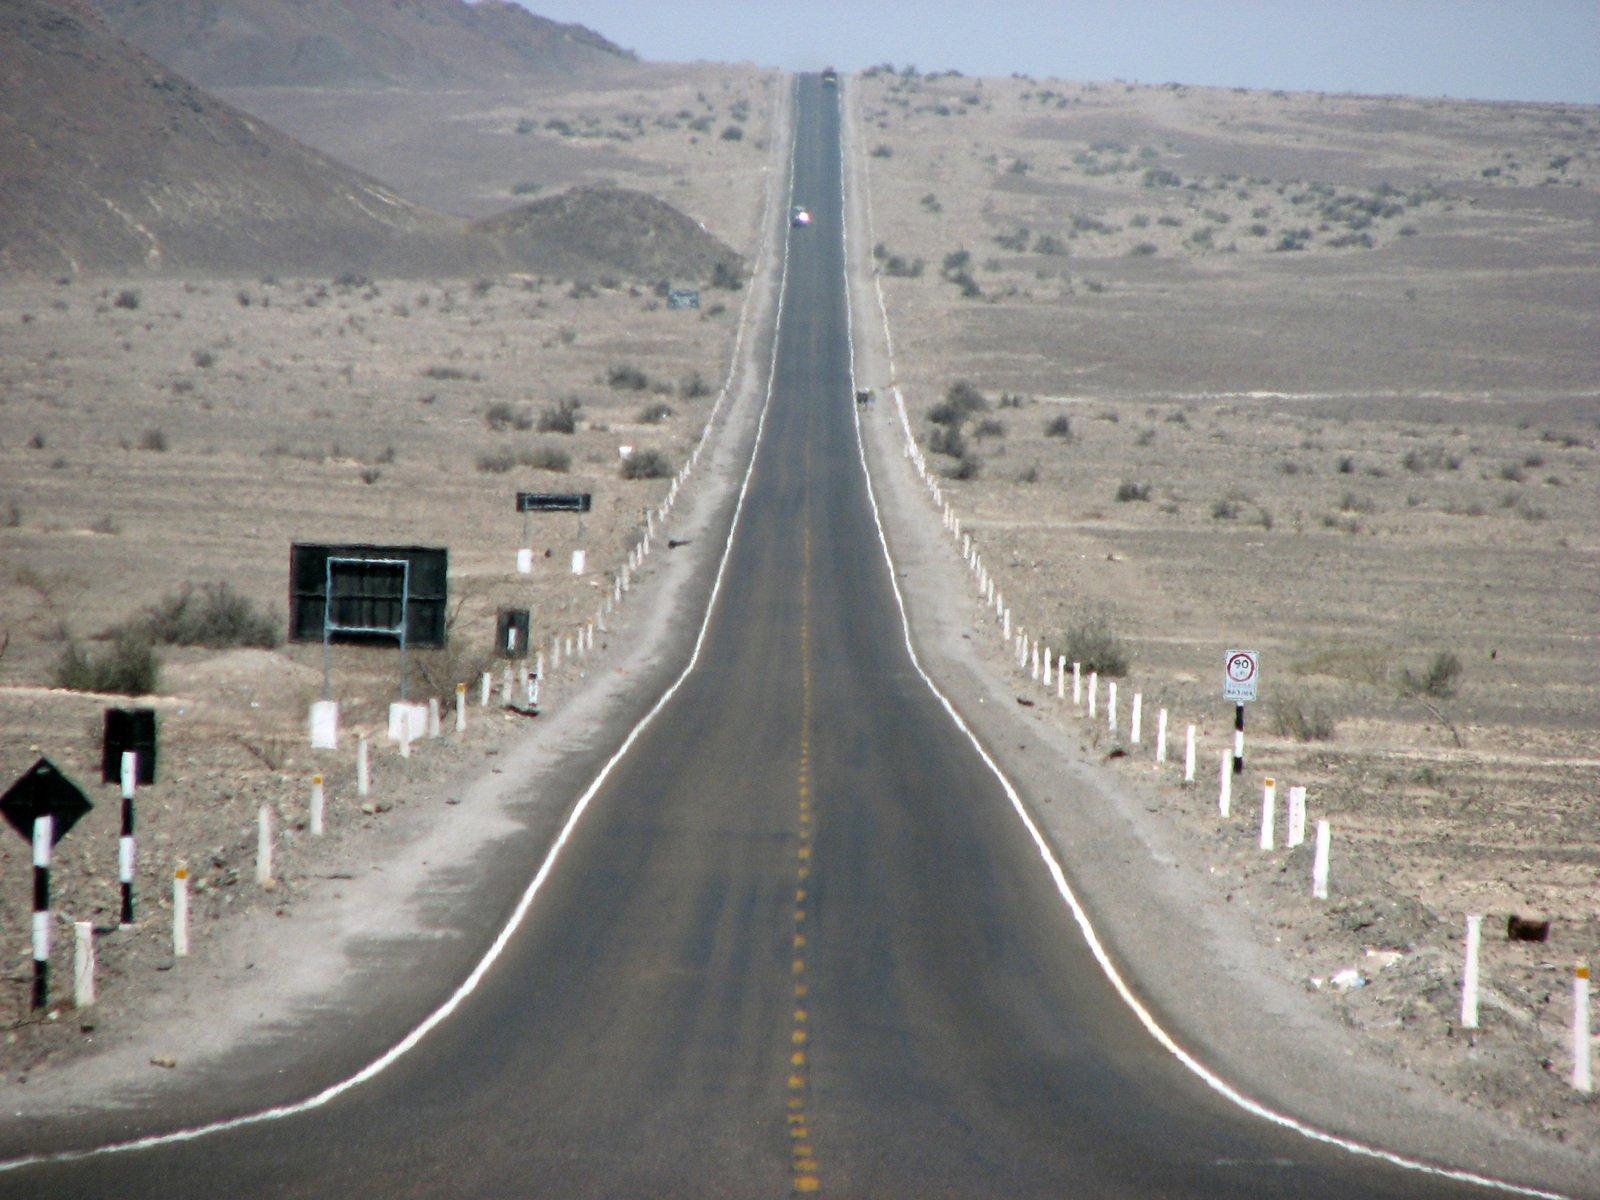 desertic-road-1446241